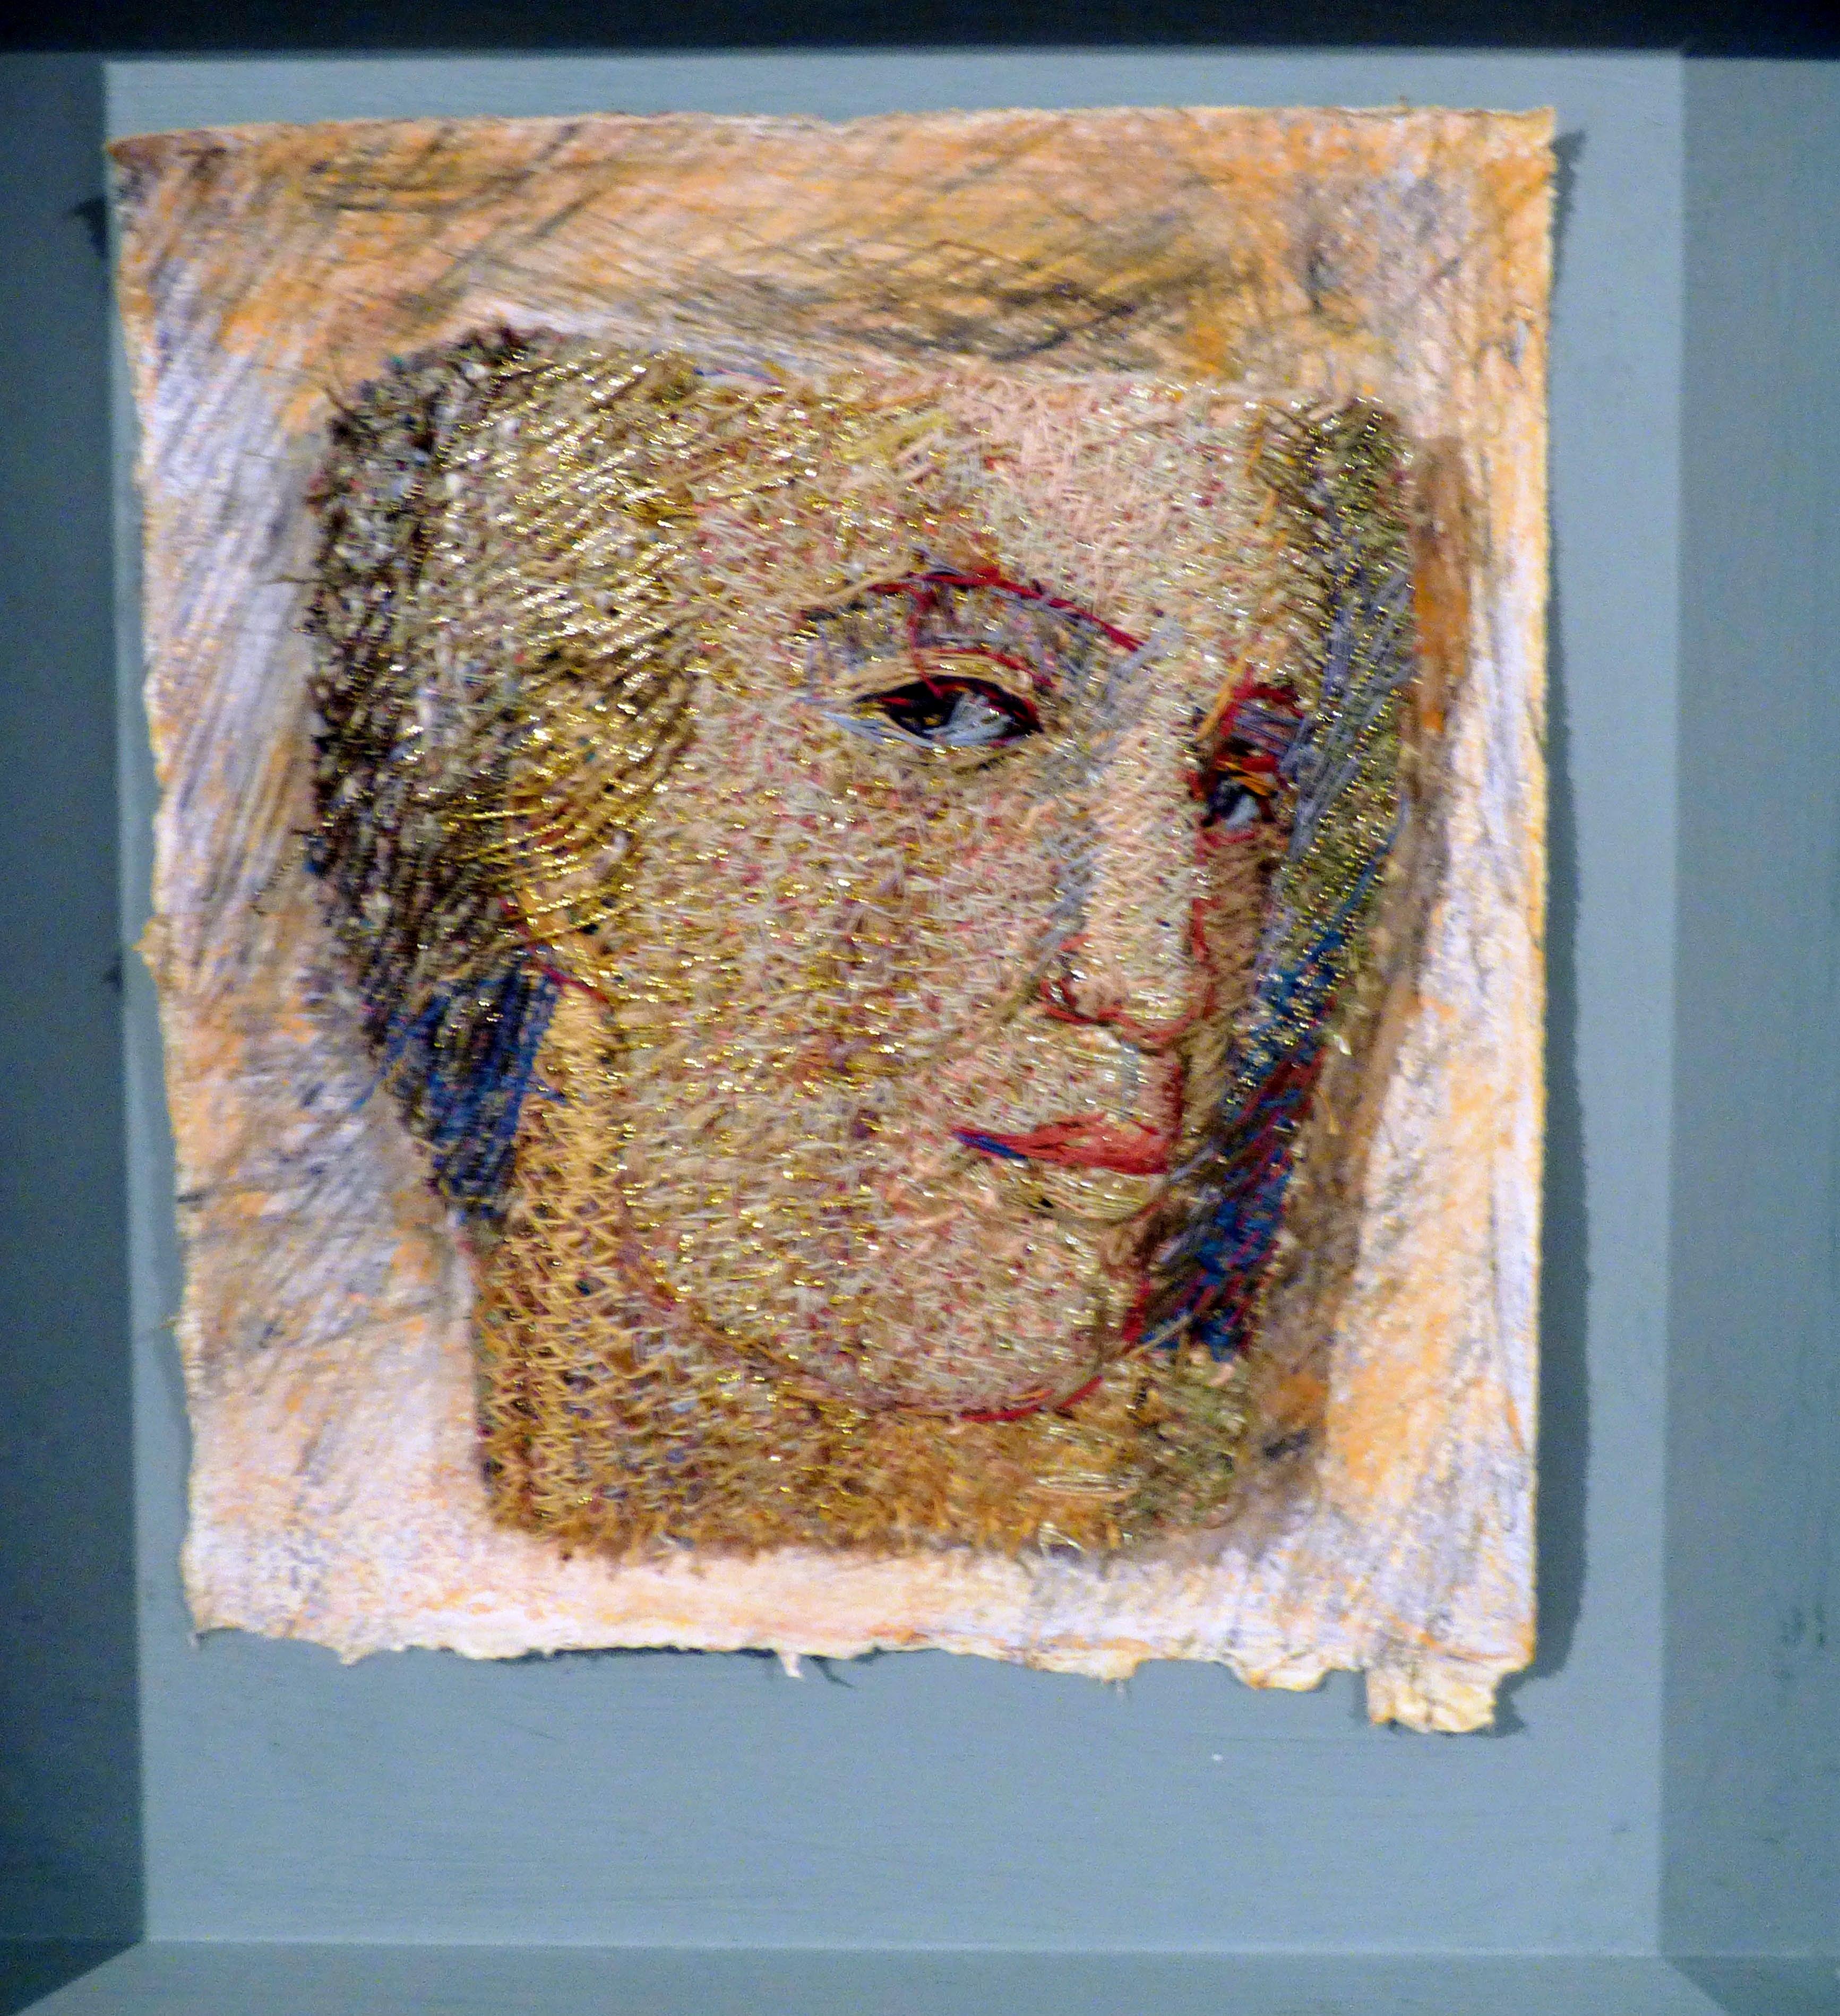 ROMAN FACE by Audrey Walker, stitched textile, 1999